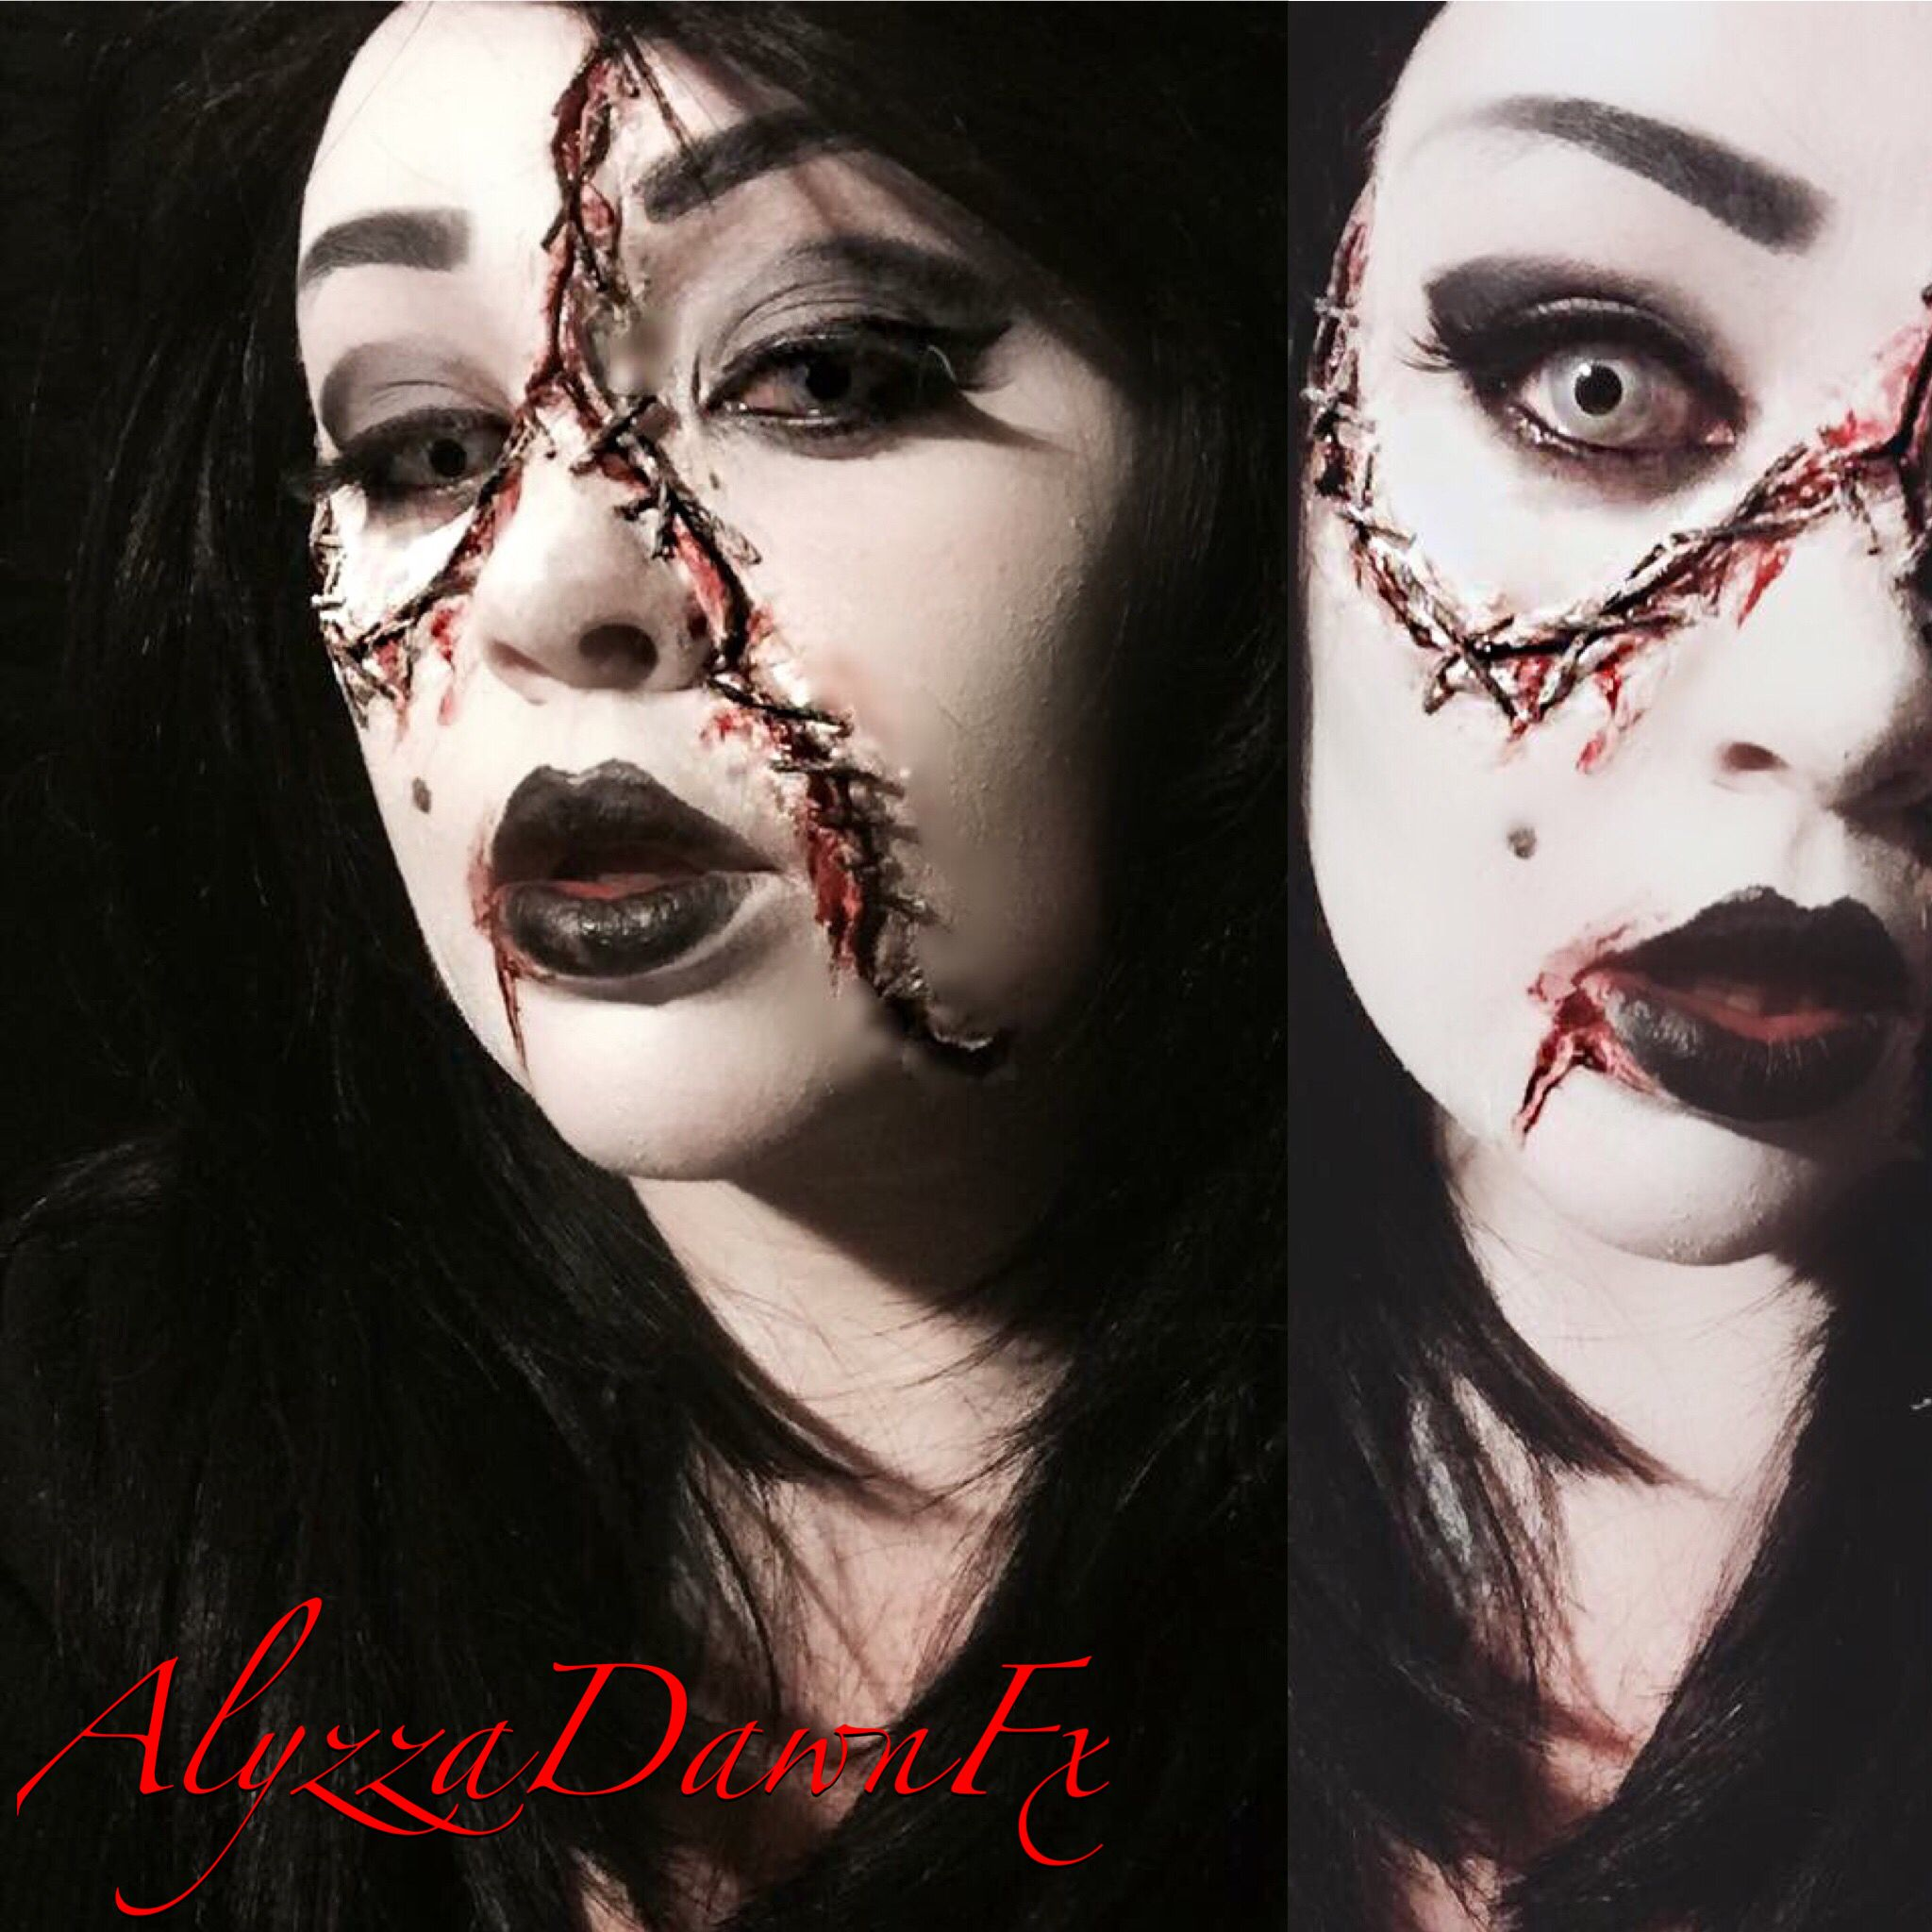 living dead girl halloween makeup! #fxmakeup #sfxmakeup #facepaint